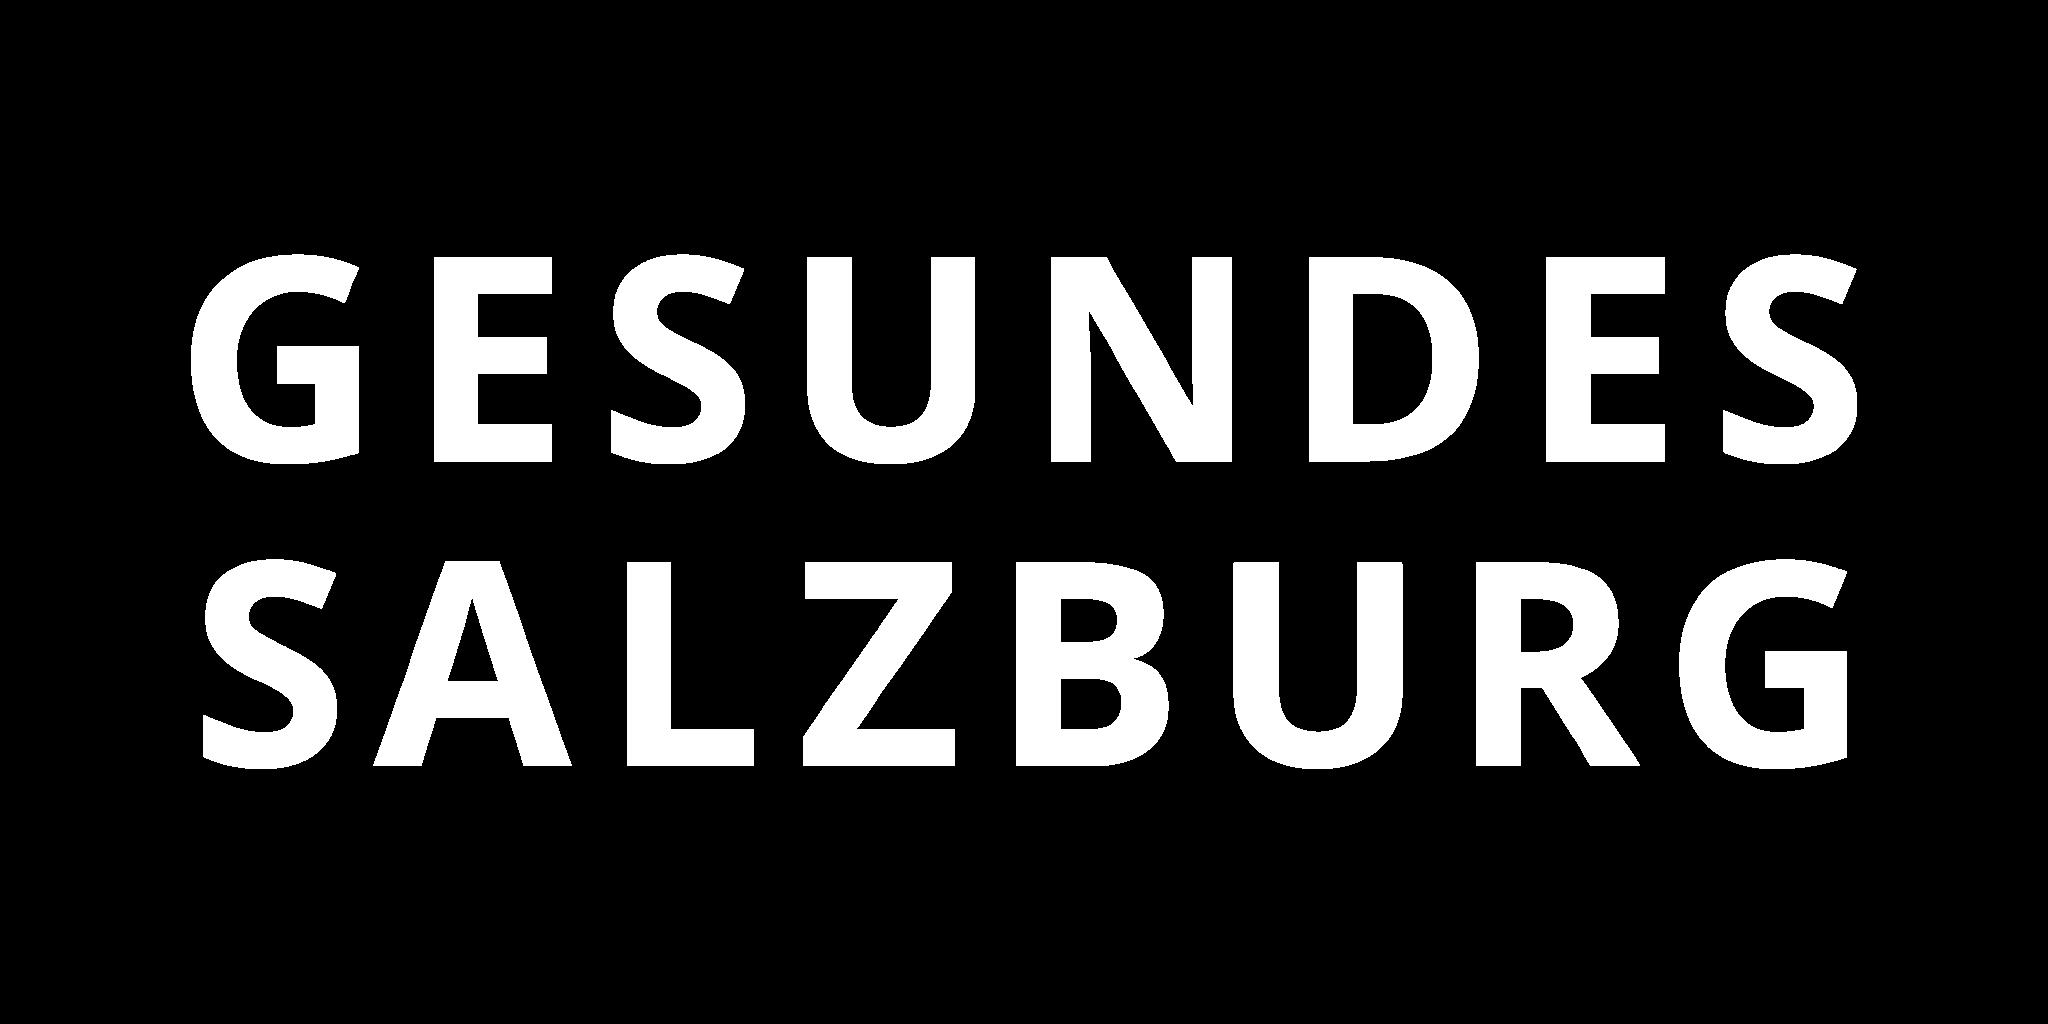 Gesundes Salzburg